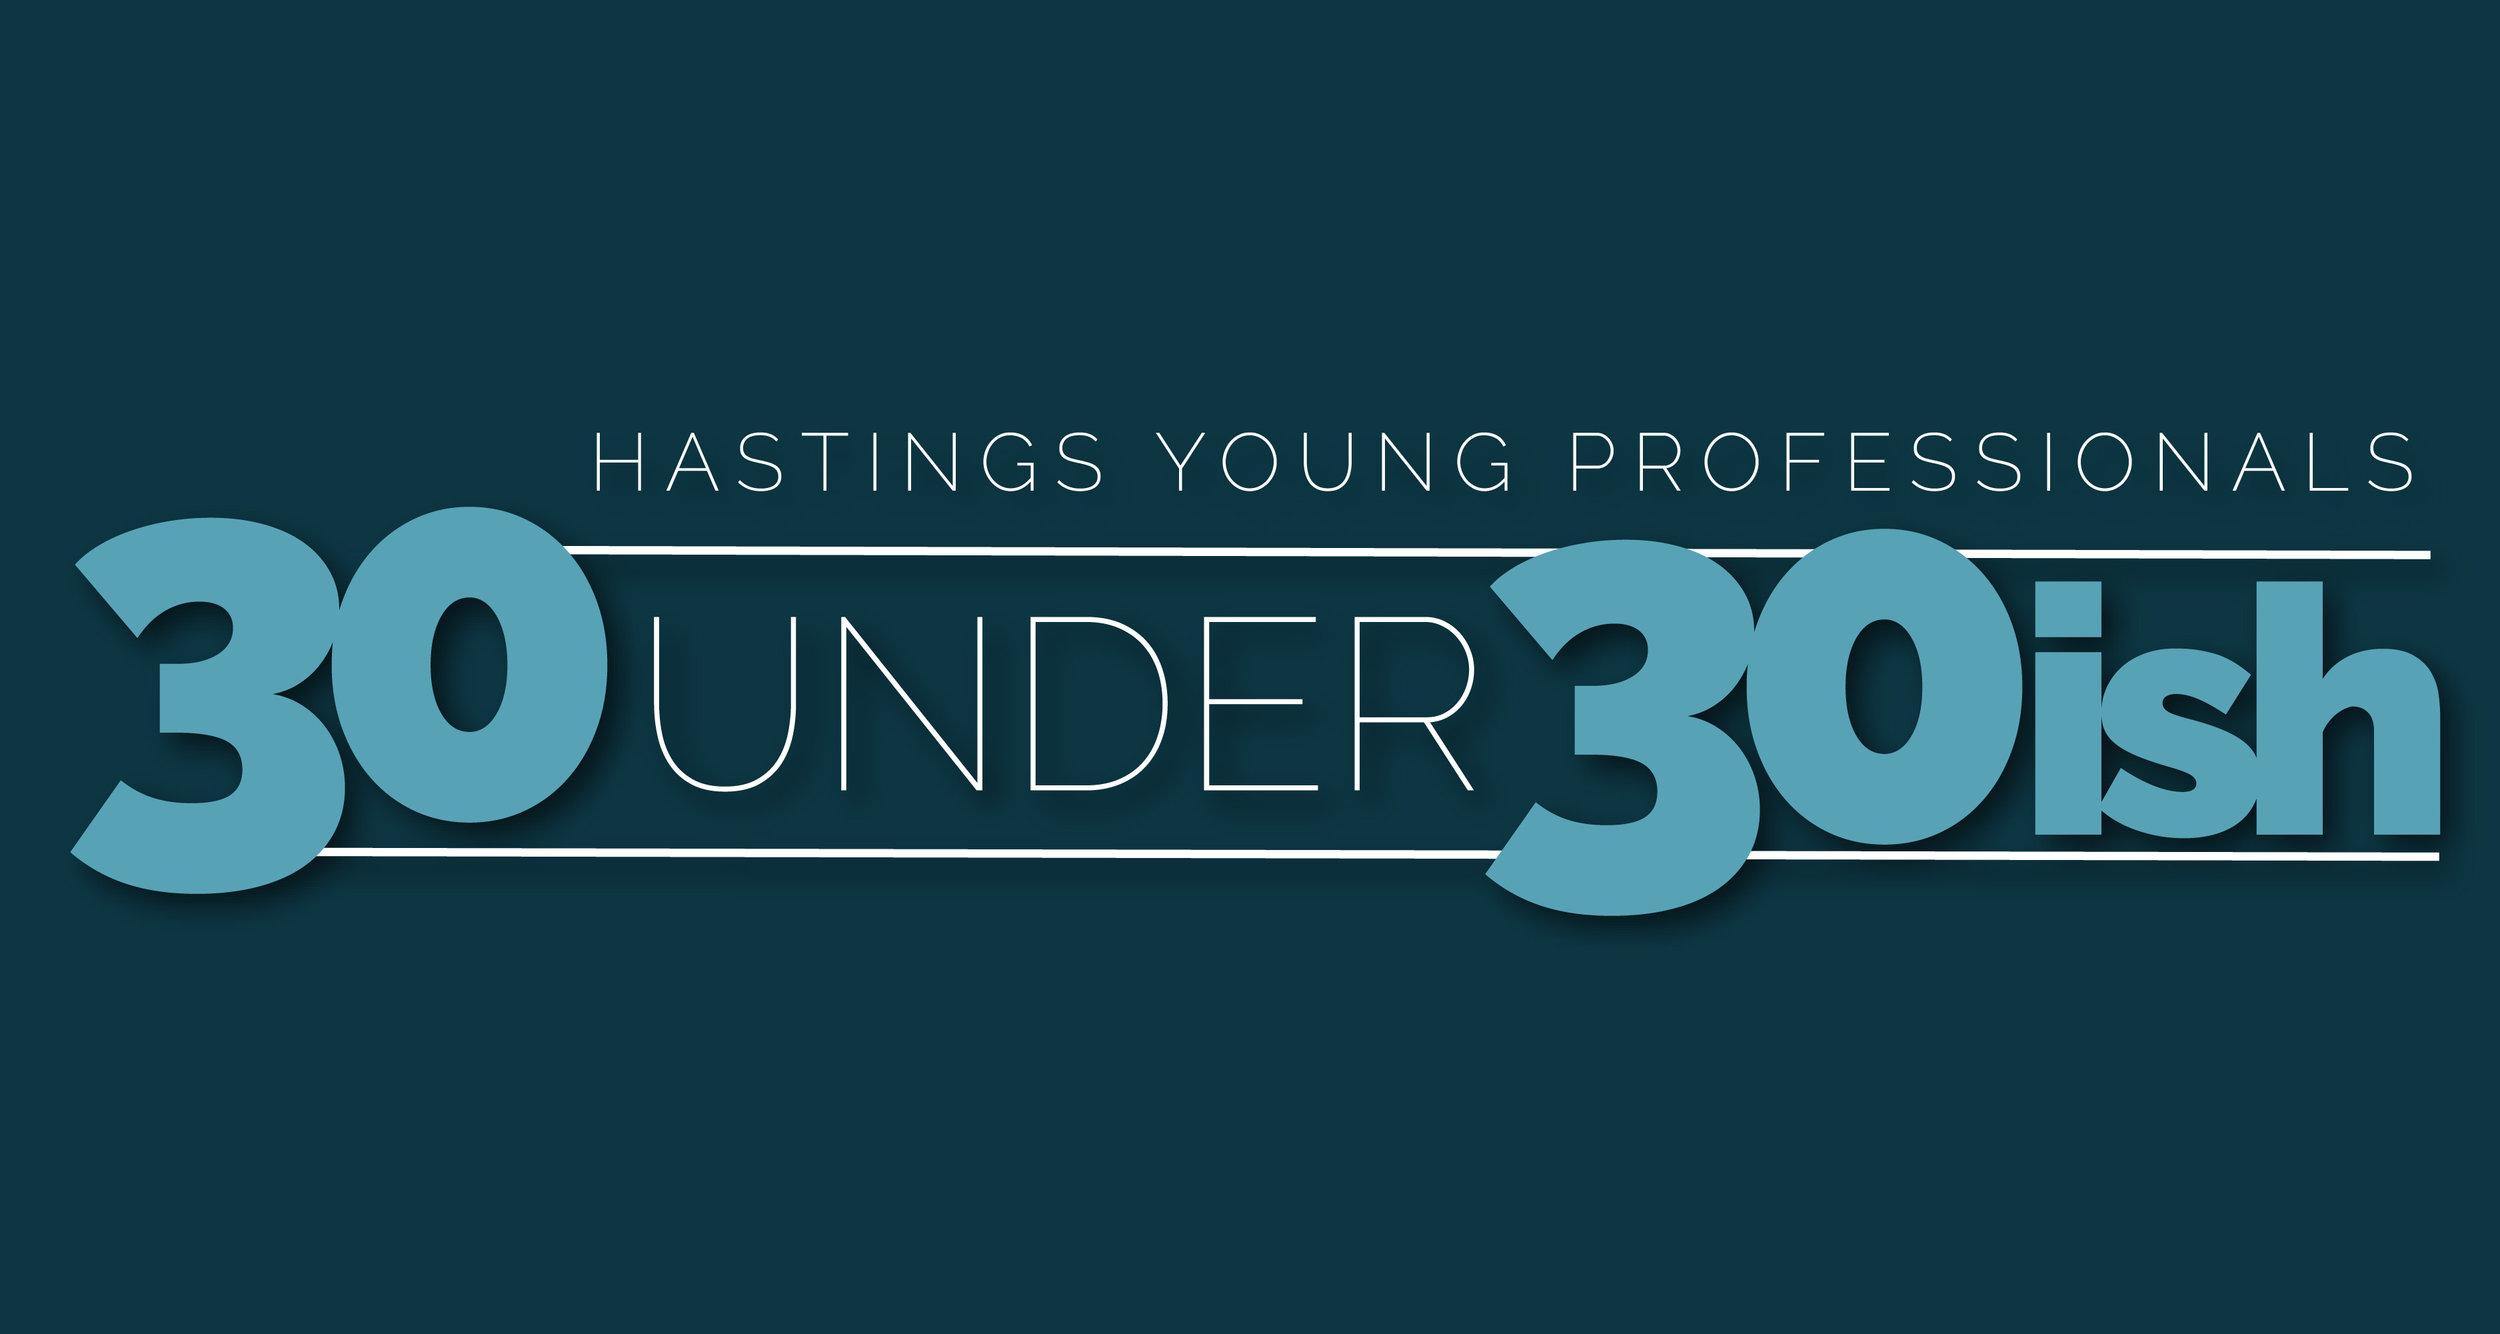 hyp_30_under_30ish_2019-05.jpg